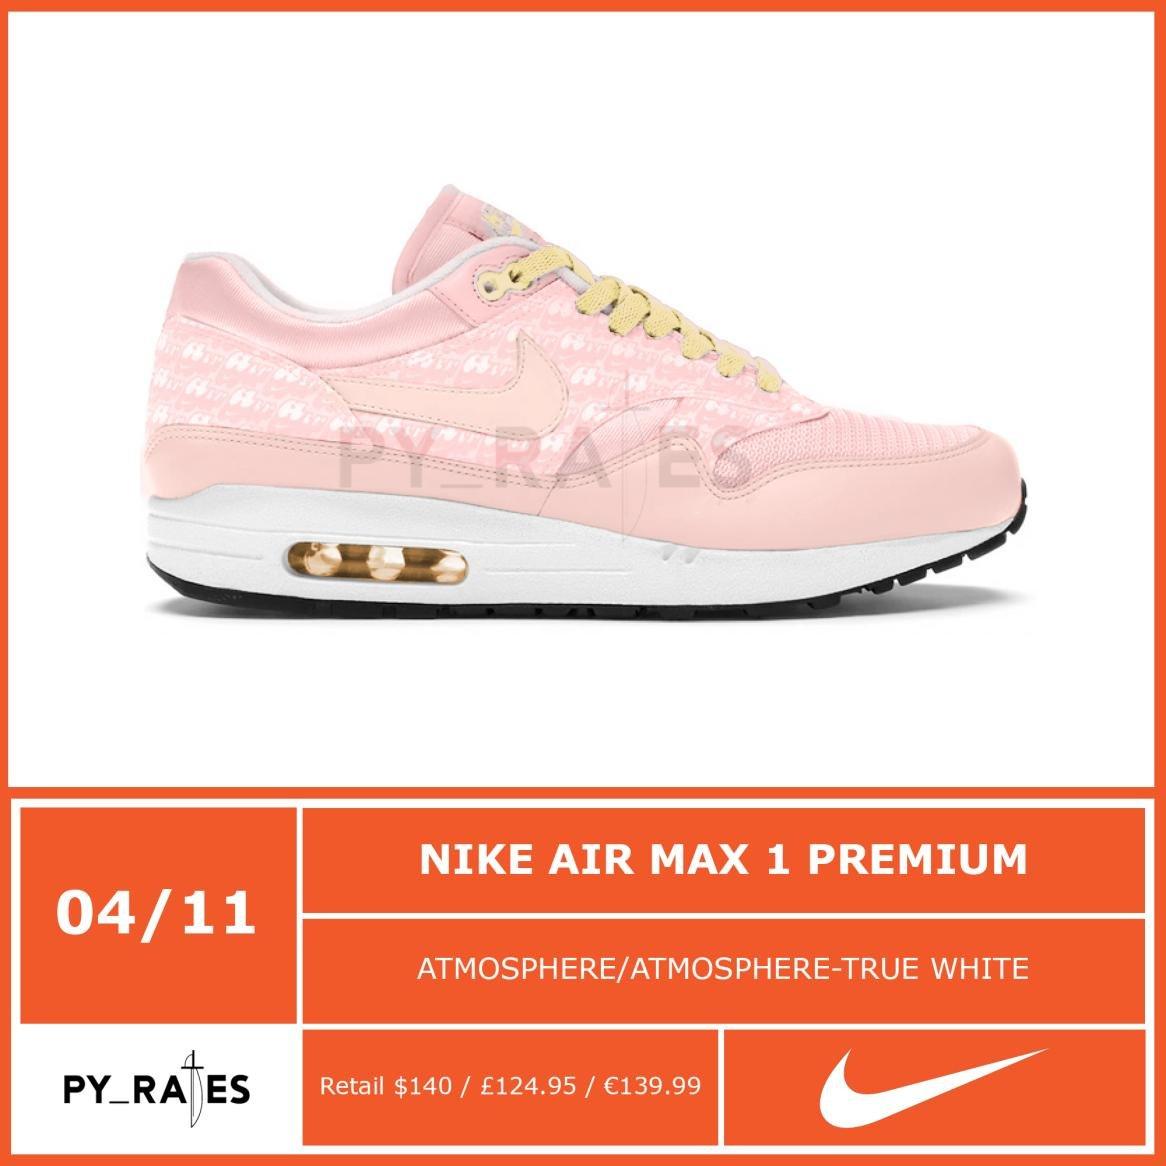 Nike Air Max 1 Pink Lemonade Release Date